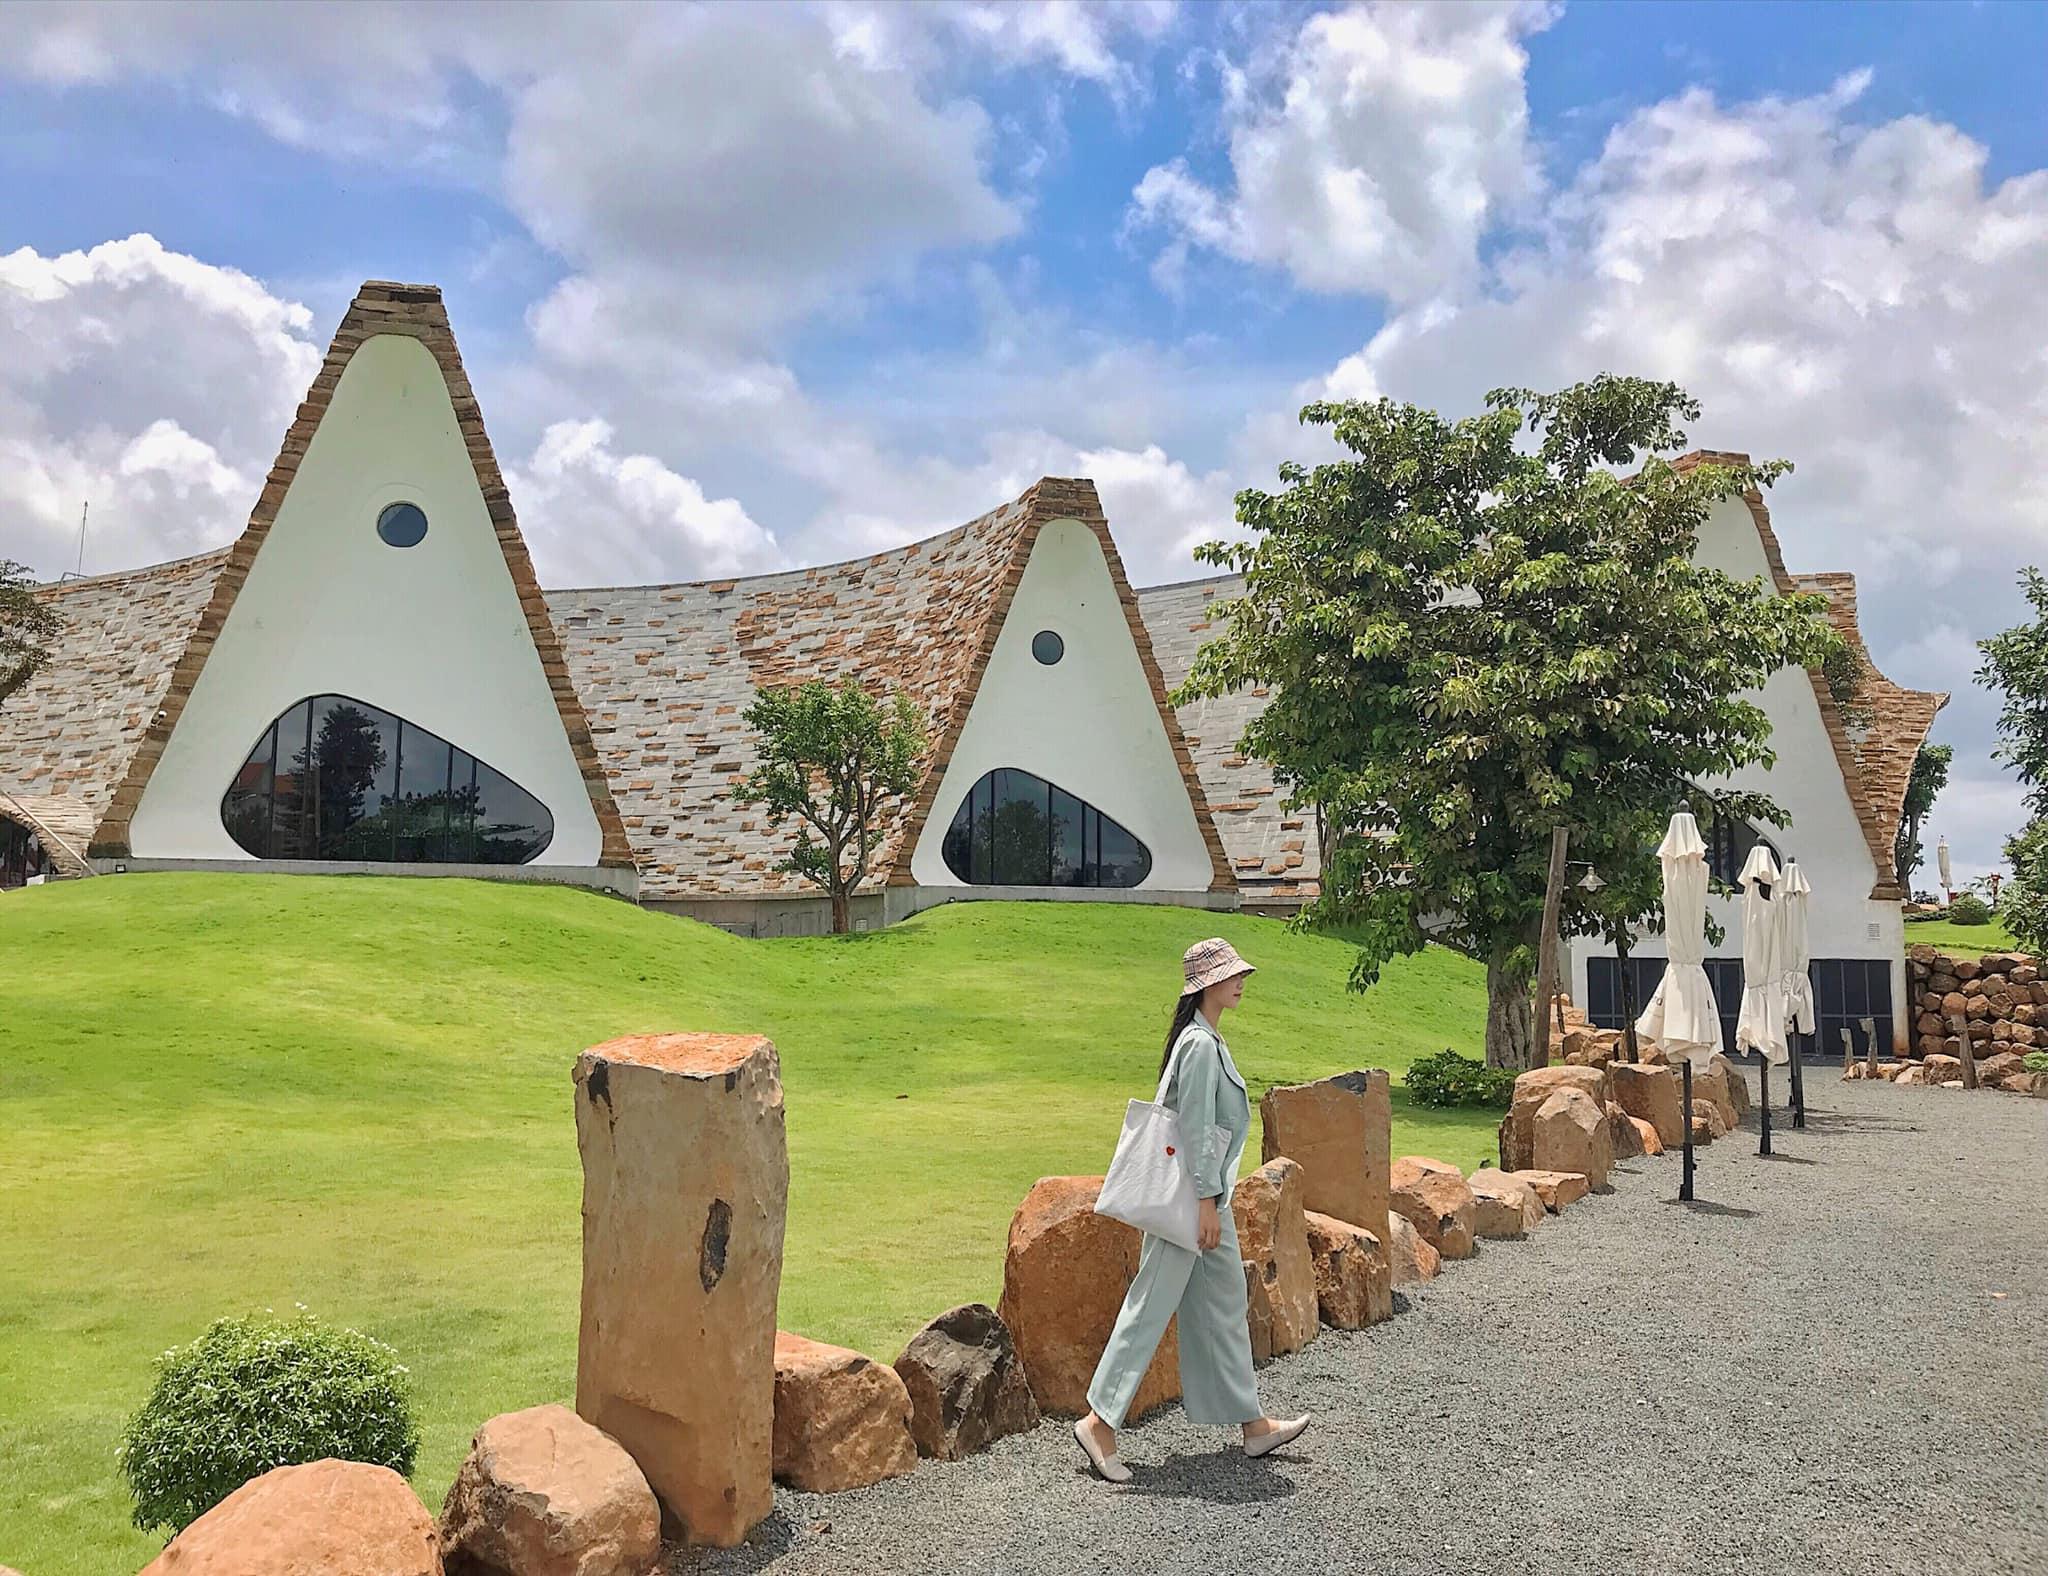 Bảo tàng cà phê. Hình: Yu Mi Nhon